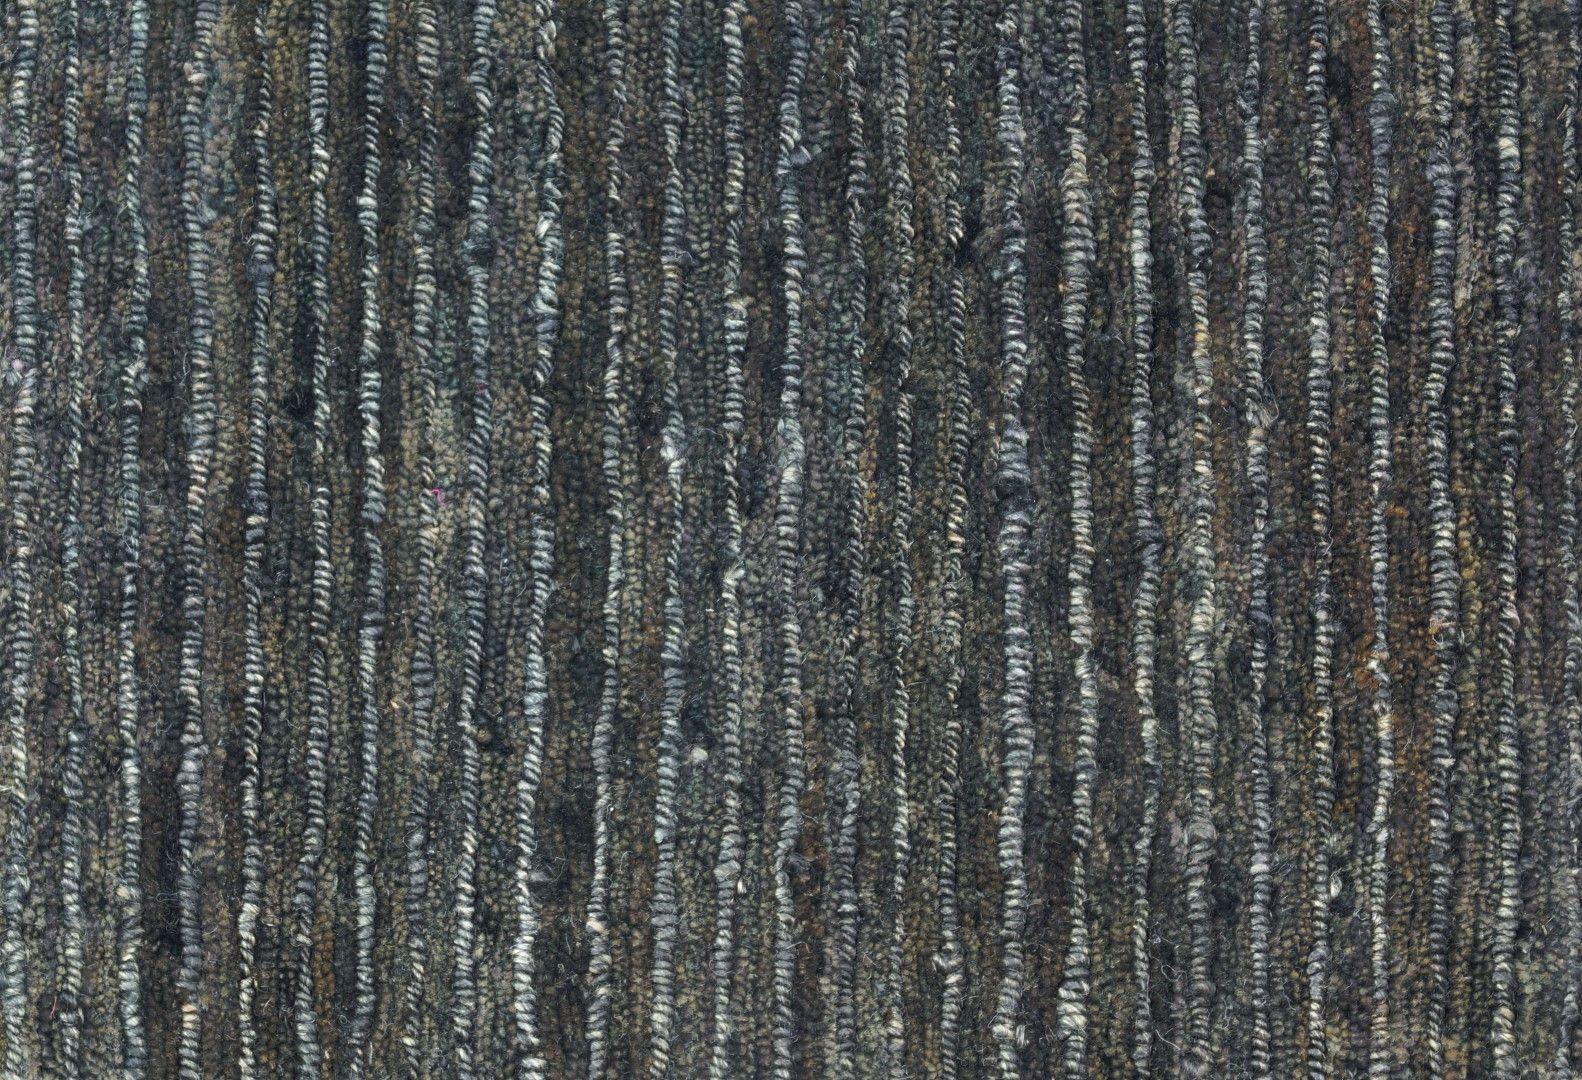 BARNA B  Collection de tapis noués main 100% jute ou mixé jute et laine. En velours bouclé, coupé, ou en mélange, nous pouvons réaliser votre dessin sur mesure, personnalisable par notre gamme de 80 coloris.